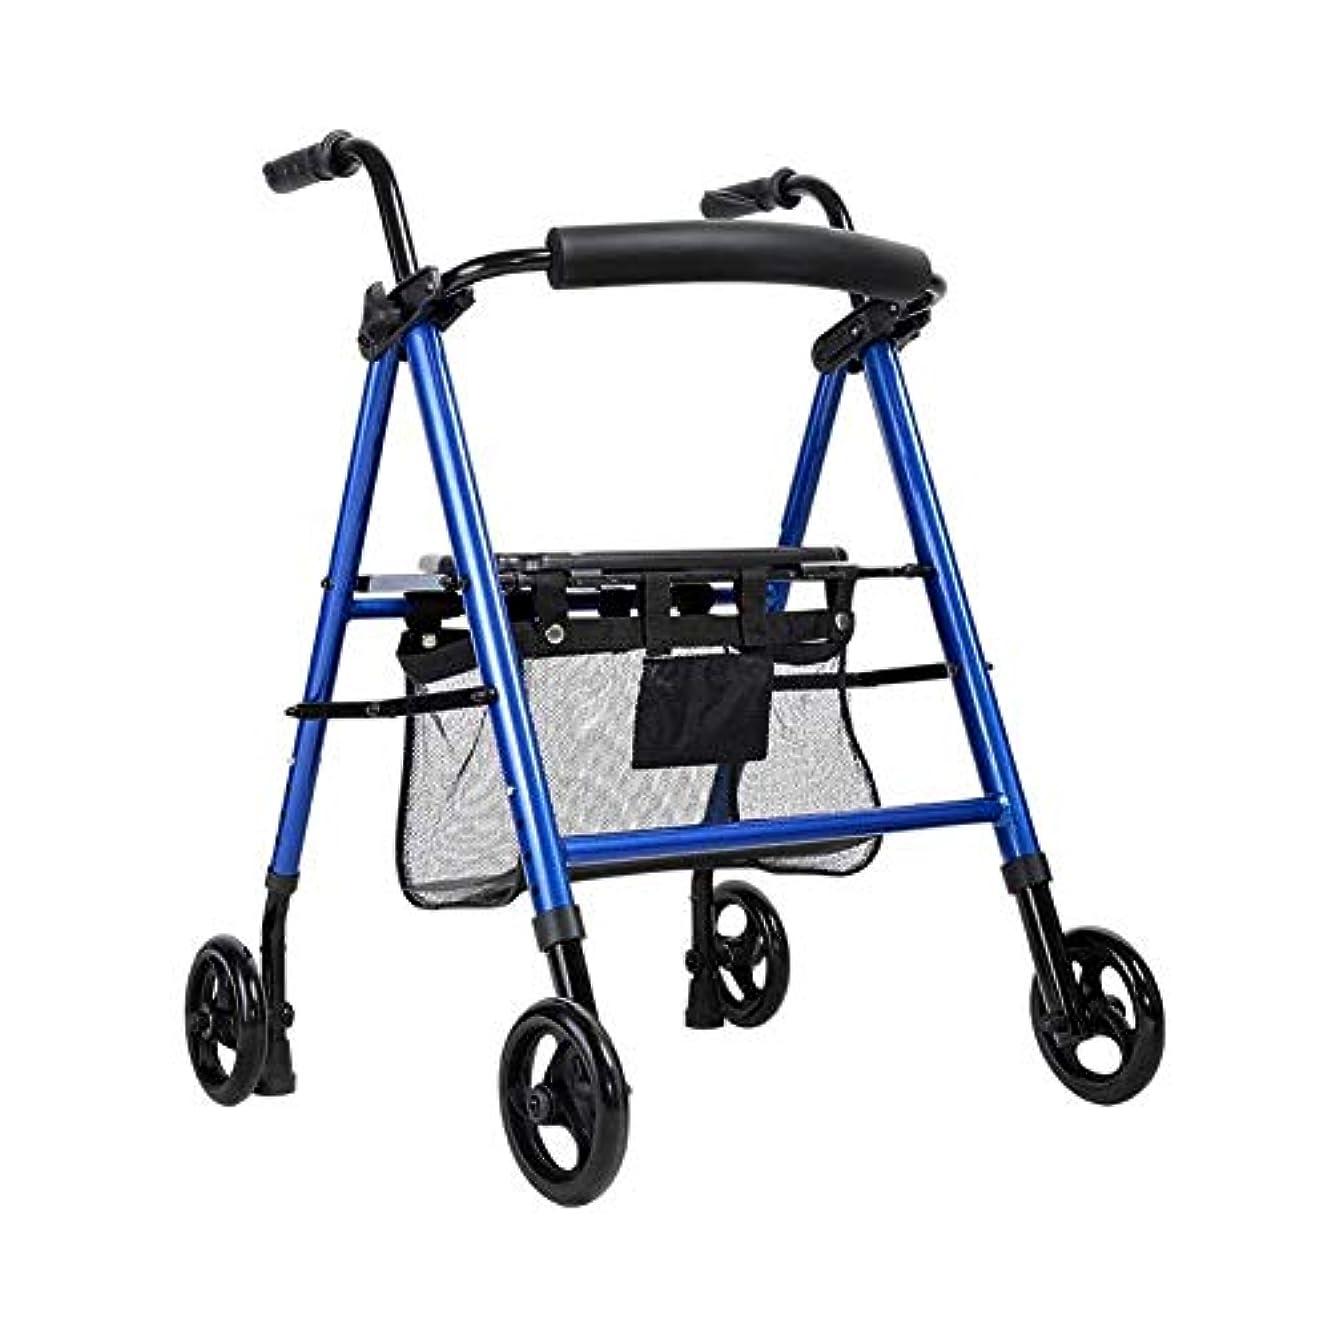 ミスペンド悲しみ事軽量アルミニウム歩行トロリー、高齢者用の調節可能なシートエイド付き4輪ローラー